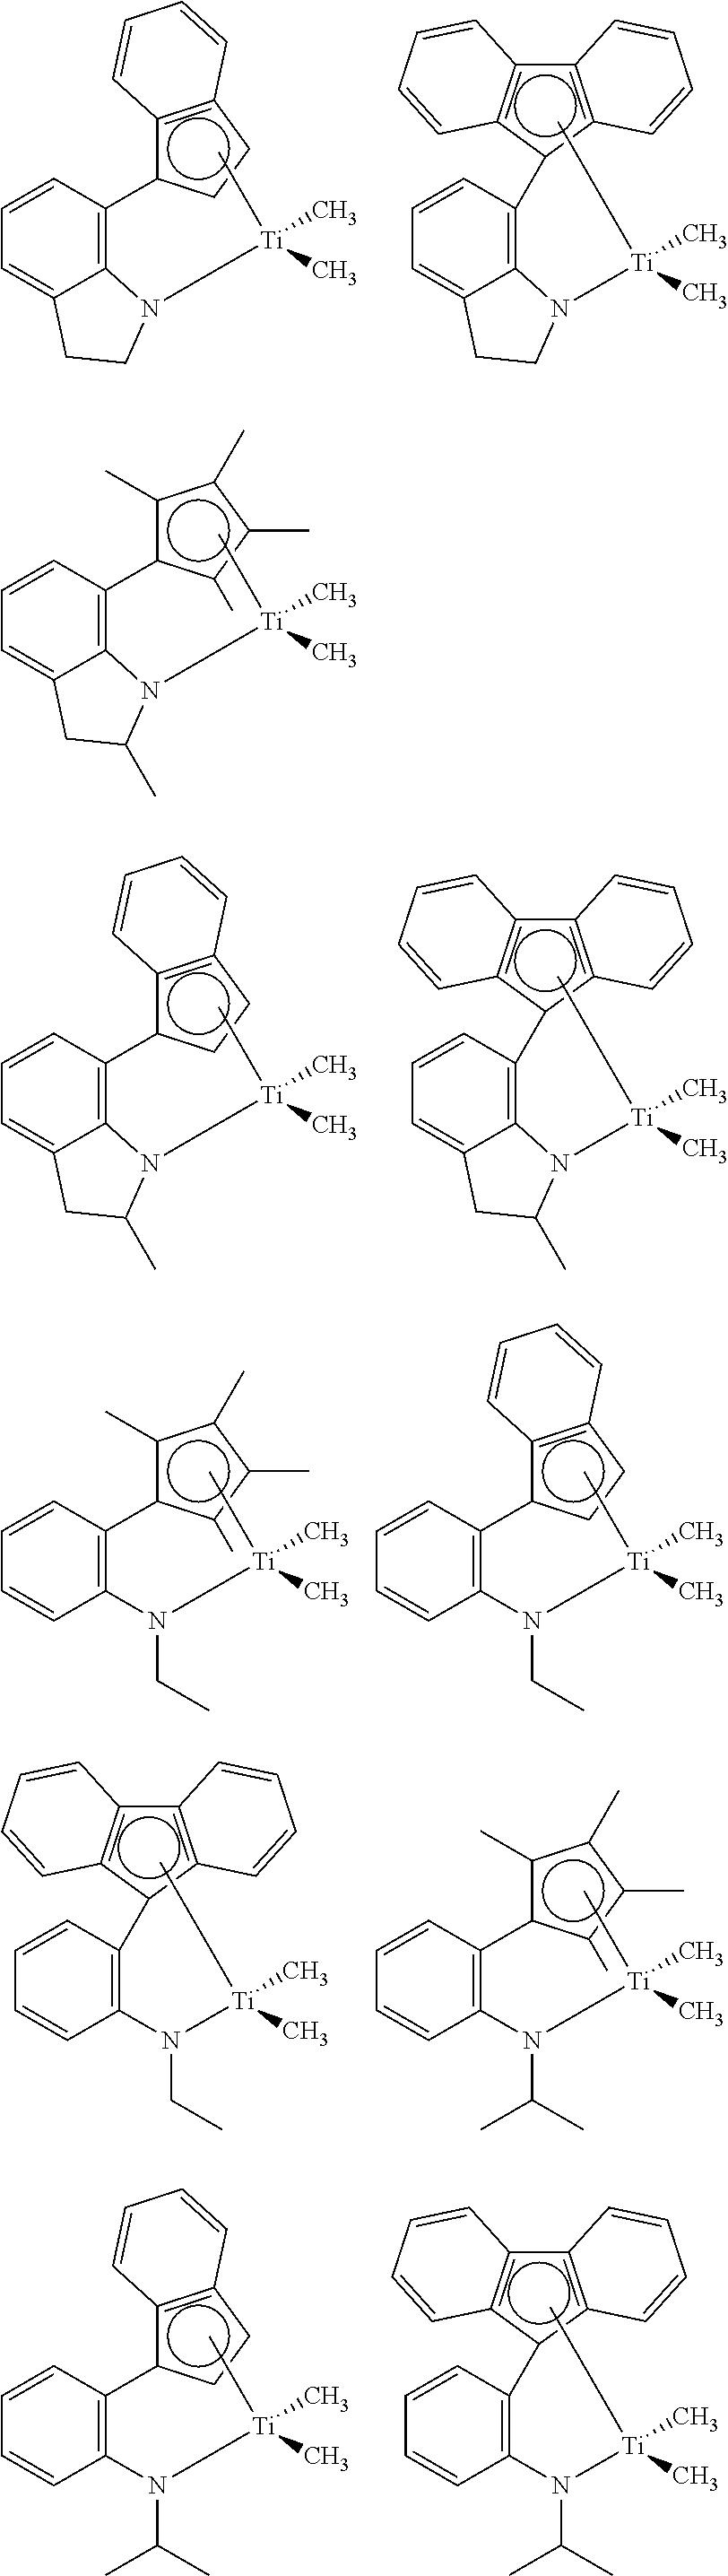 Figure US07932207-20110426-C00037